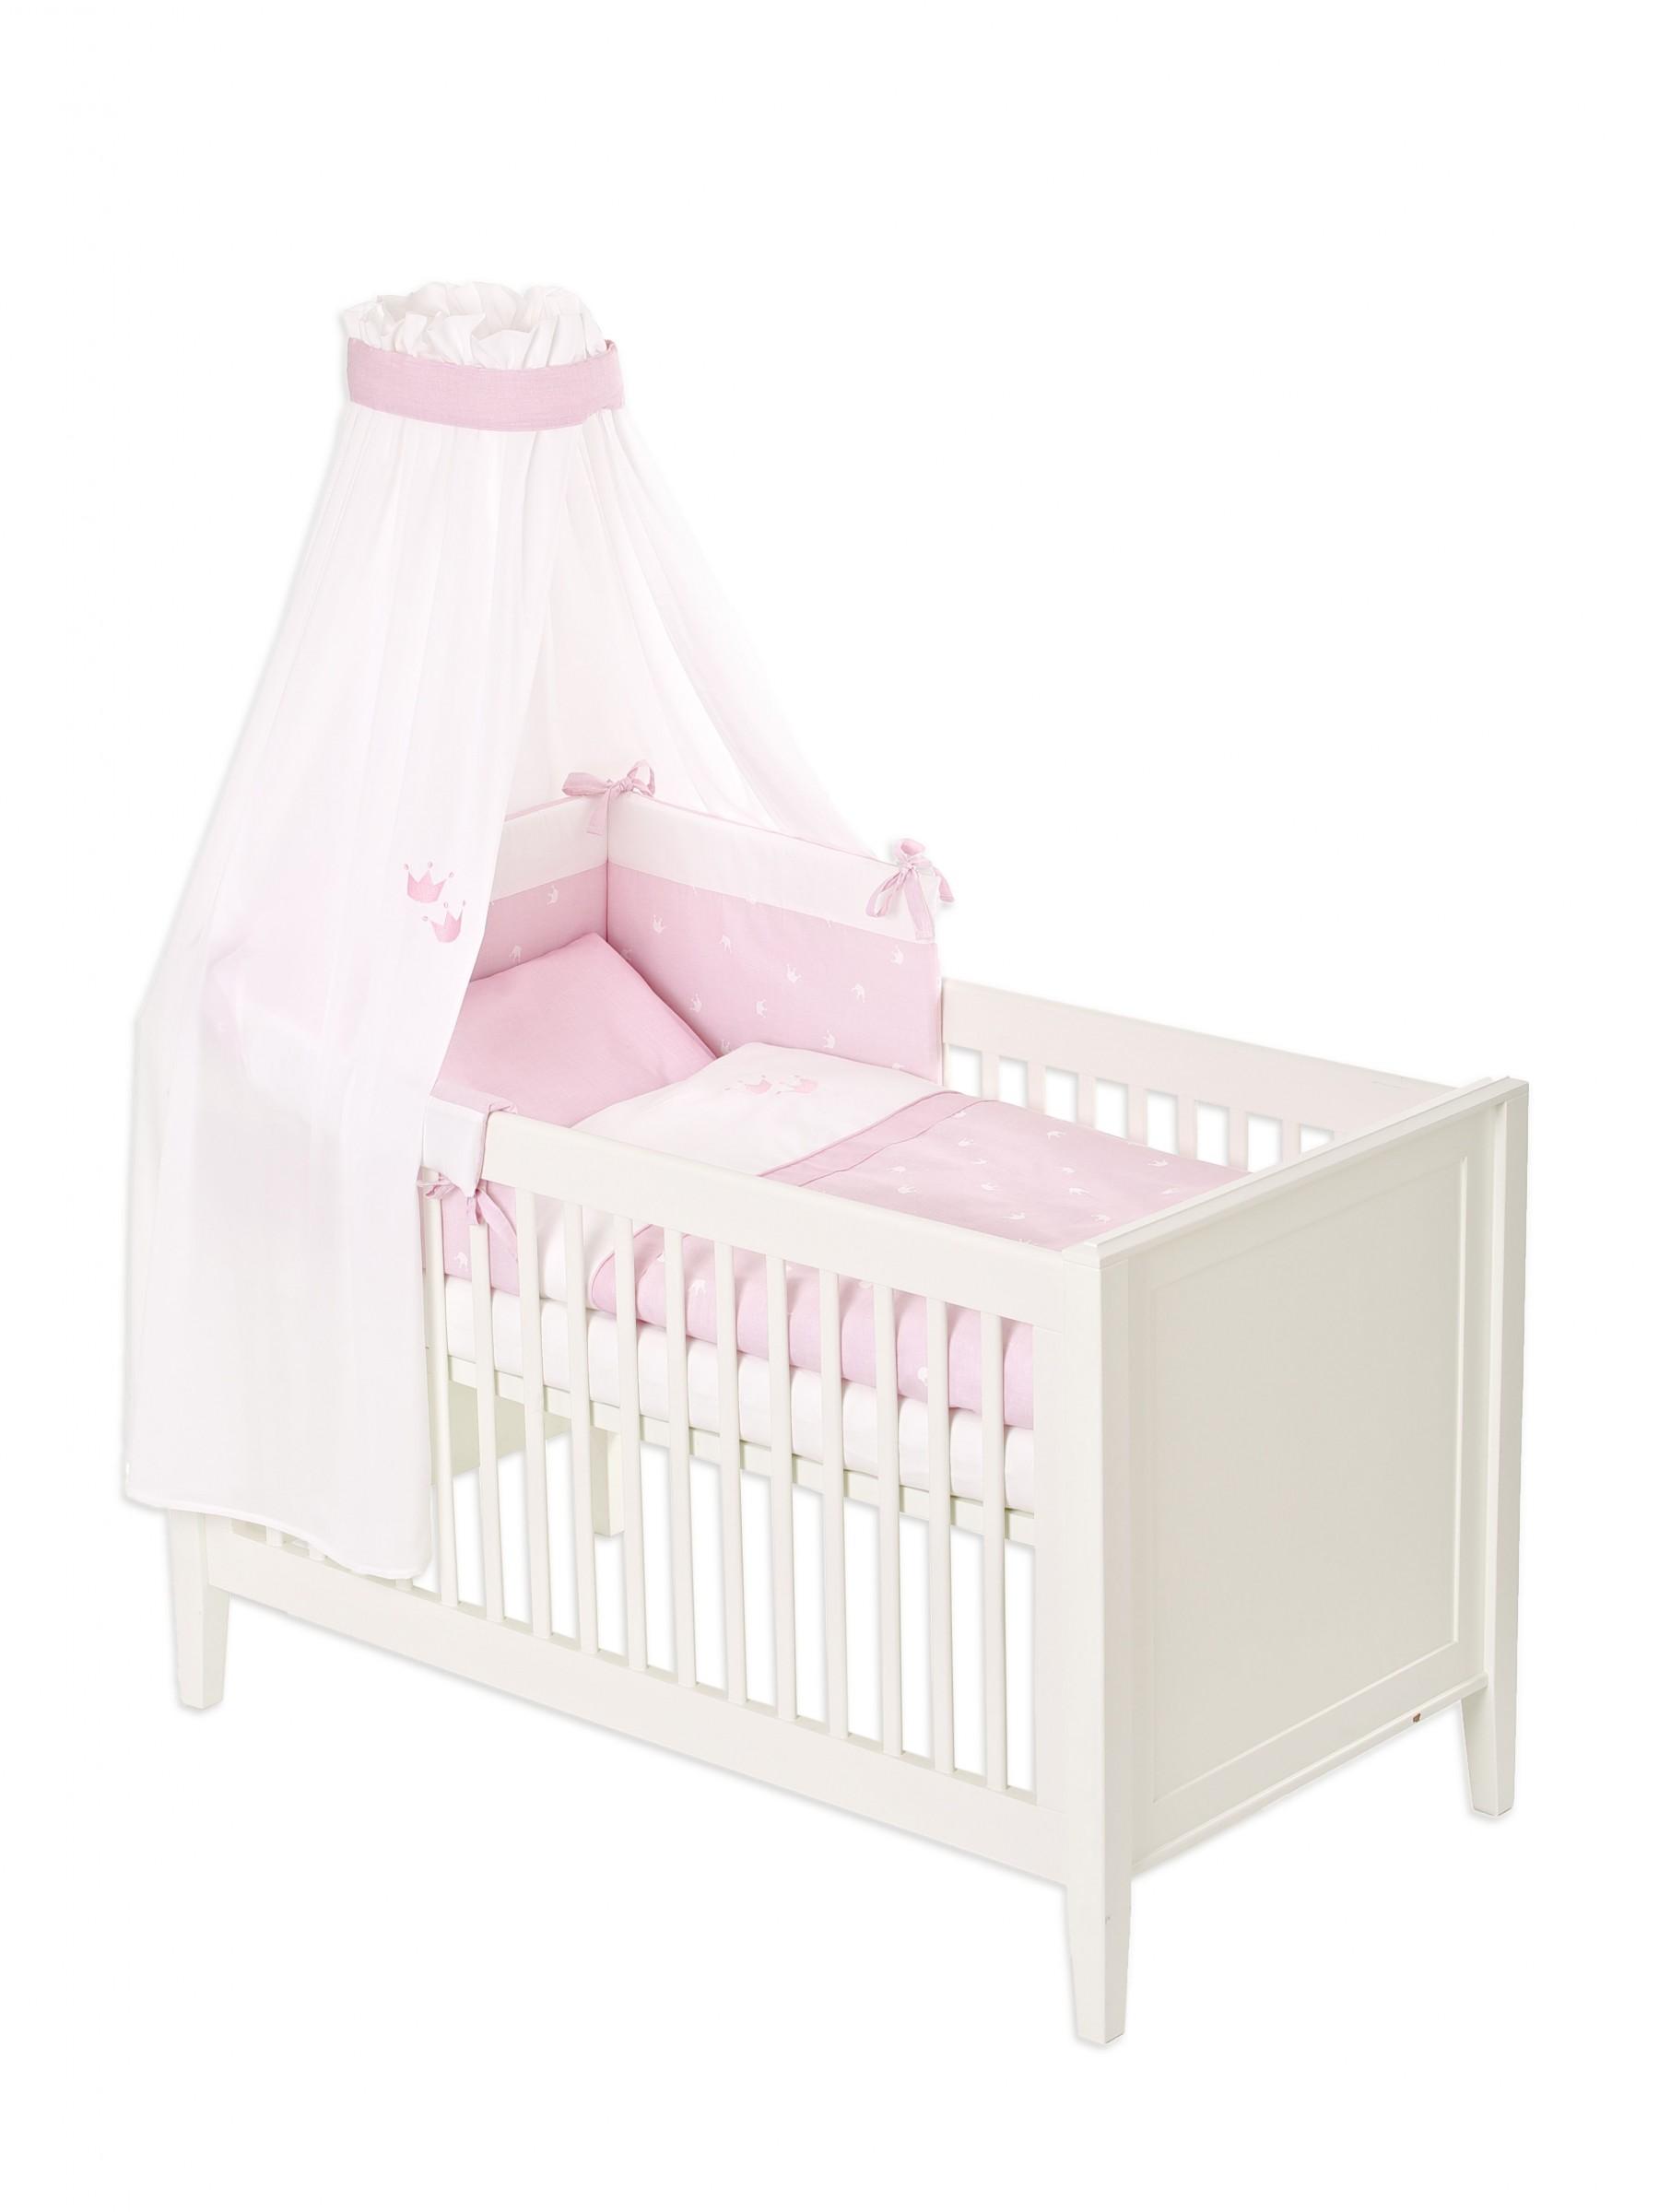 tr umeland bettset farbe krone rosa bettw sche 100 x 135 himmel nestchen neu ebay. Black Bedroom Furniture Sets. Home Design Ideas